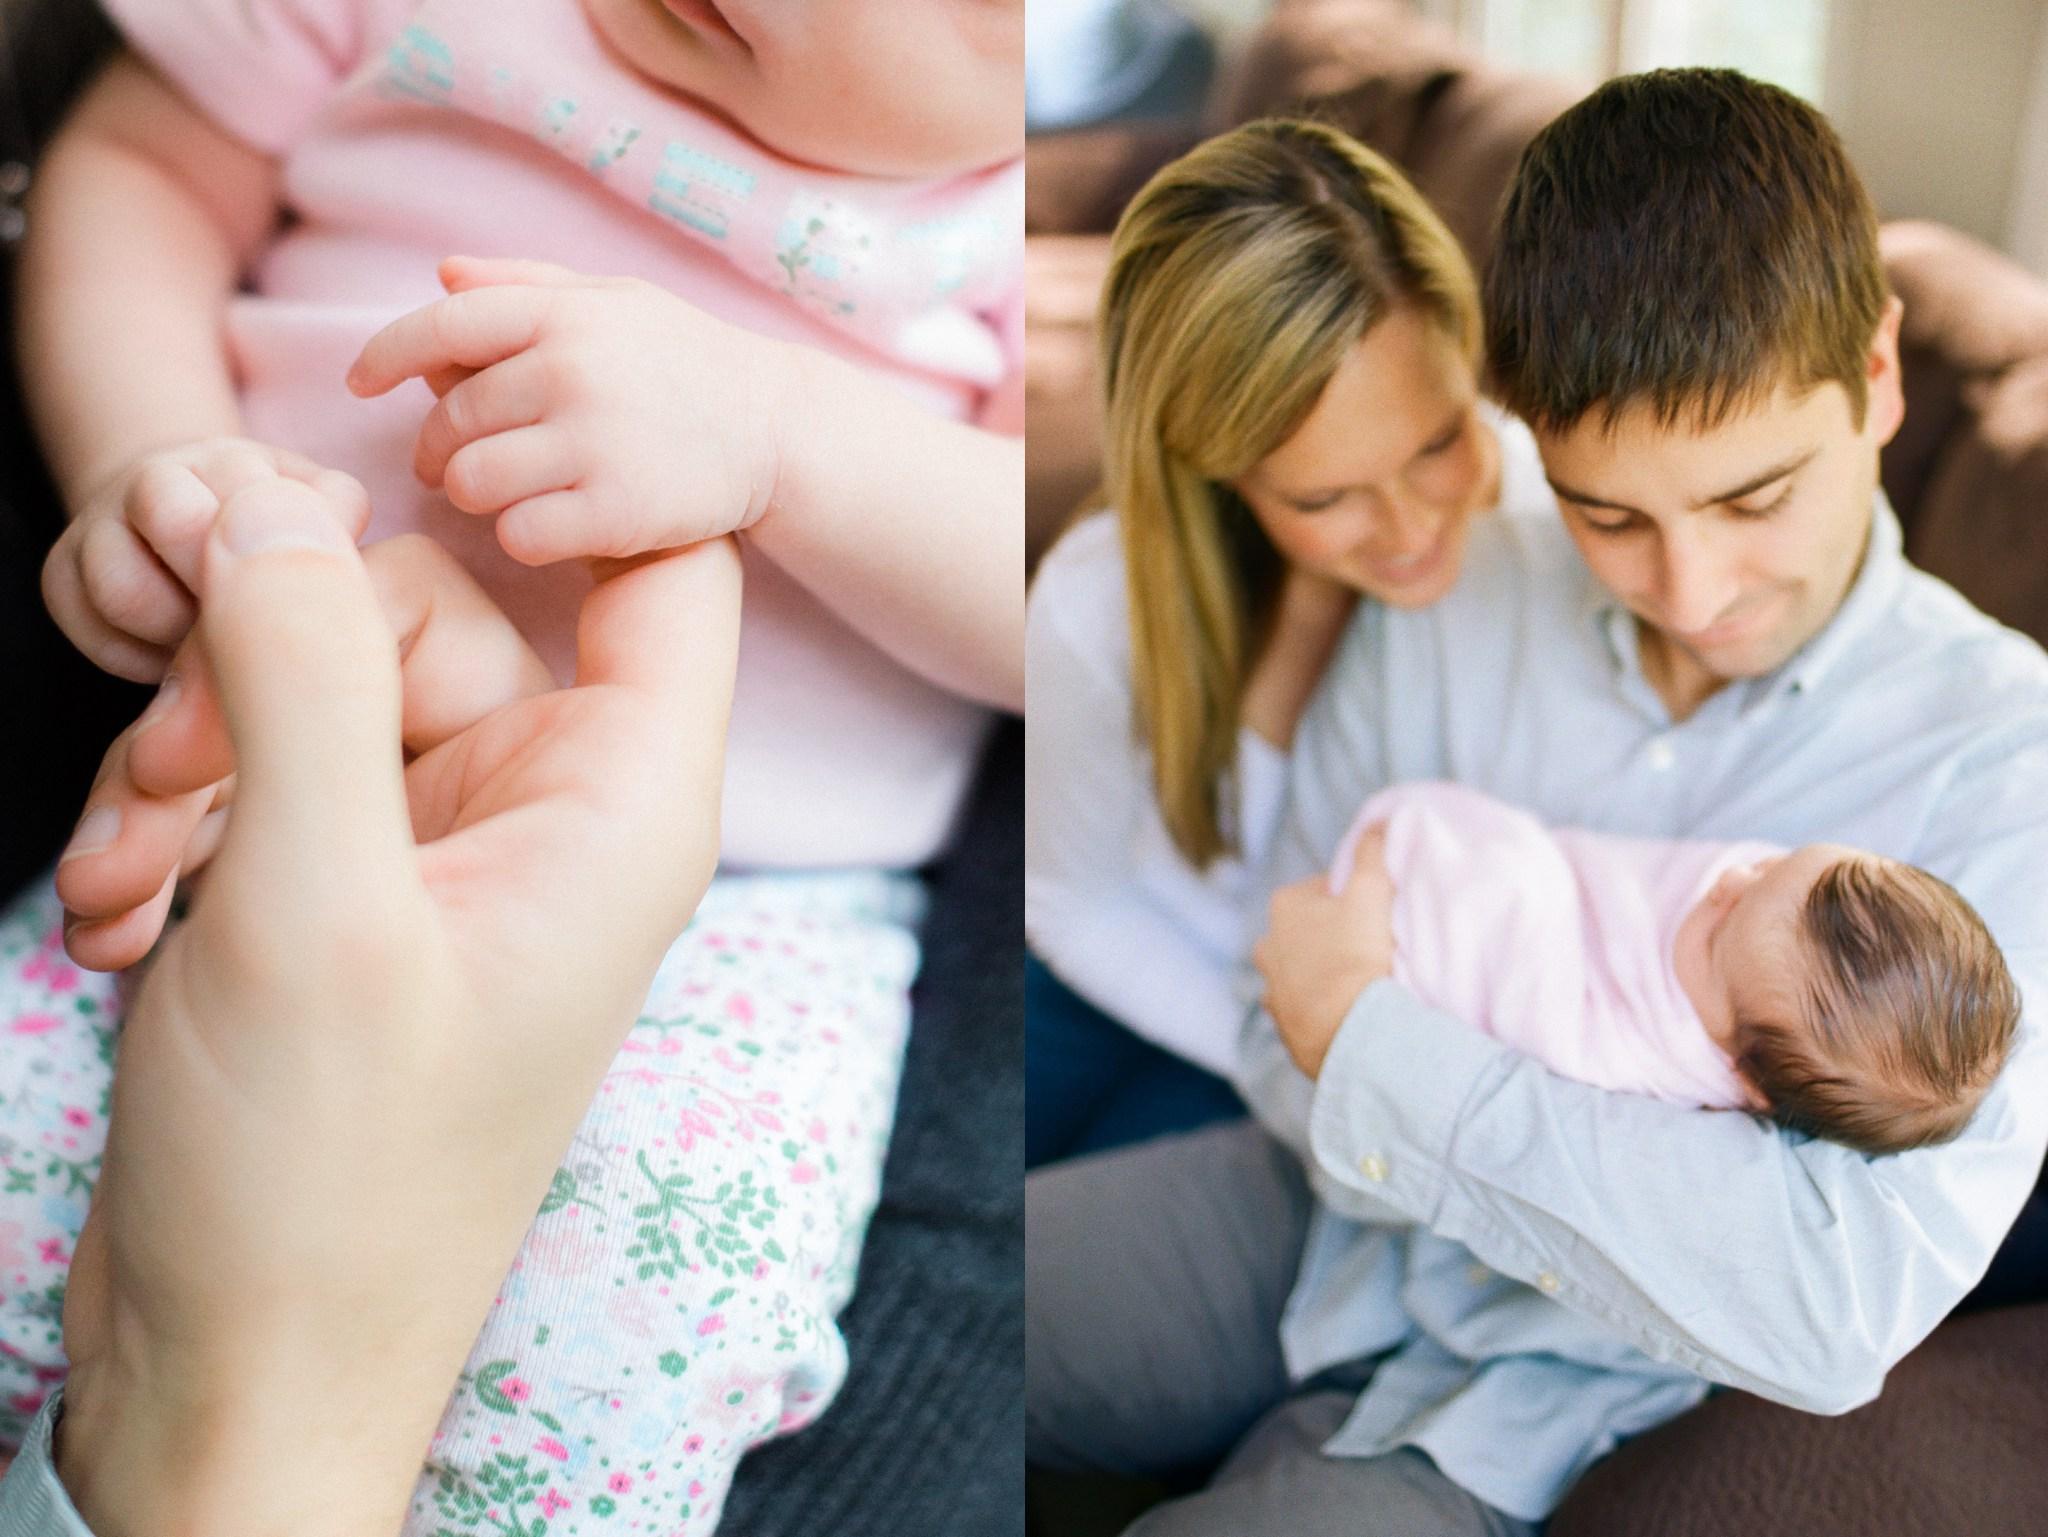 debroah_zoe_photography_family_portraits_boston_00046.JPG